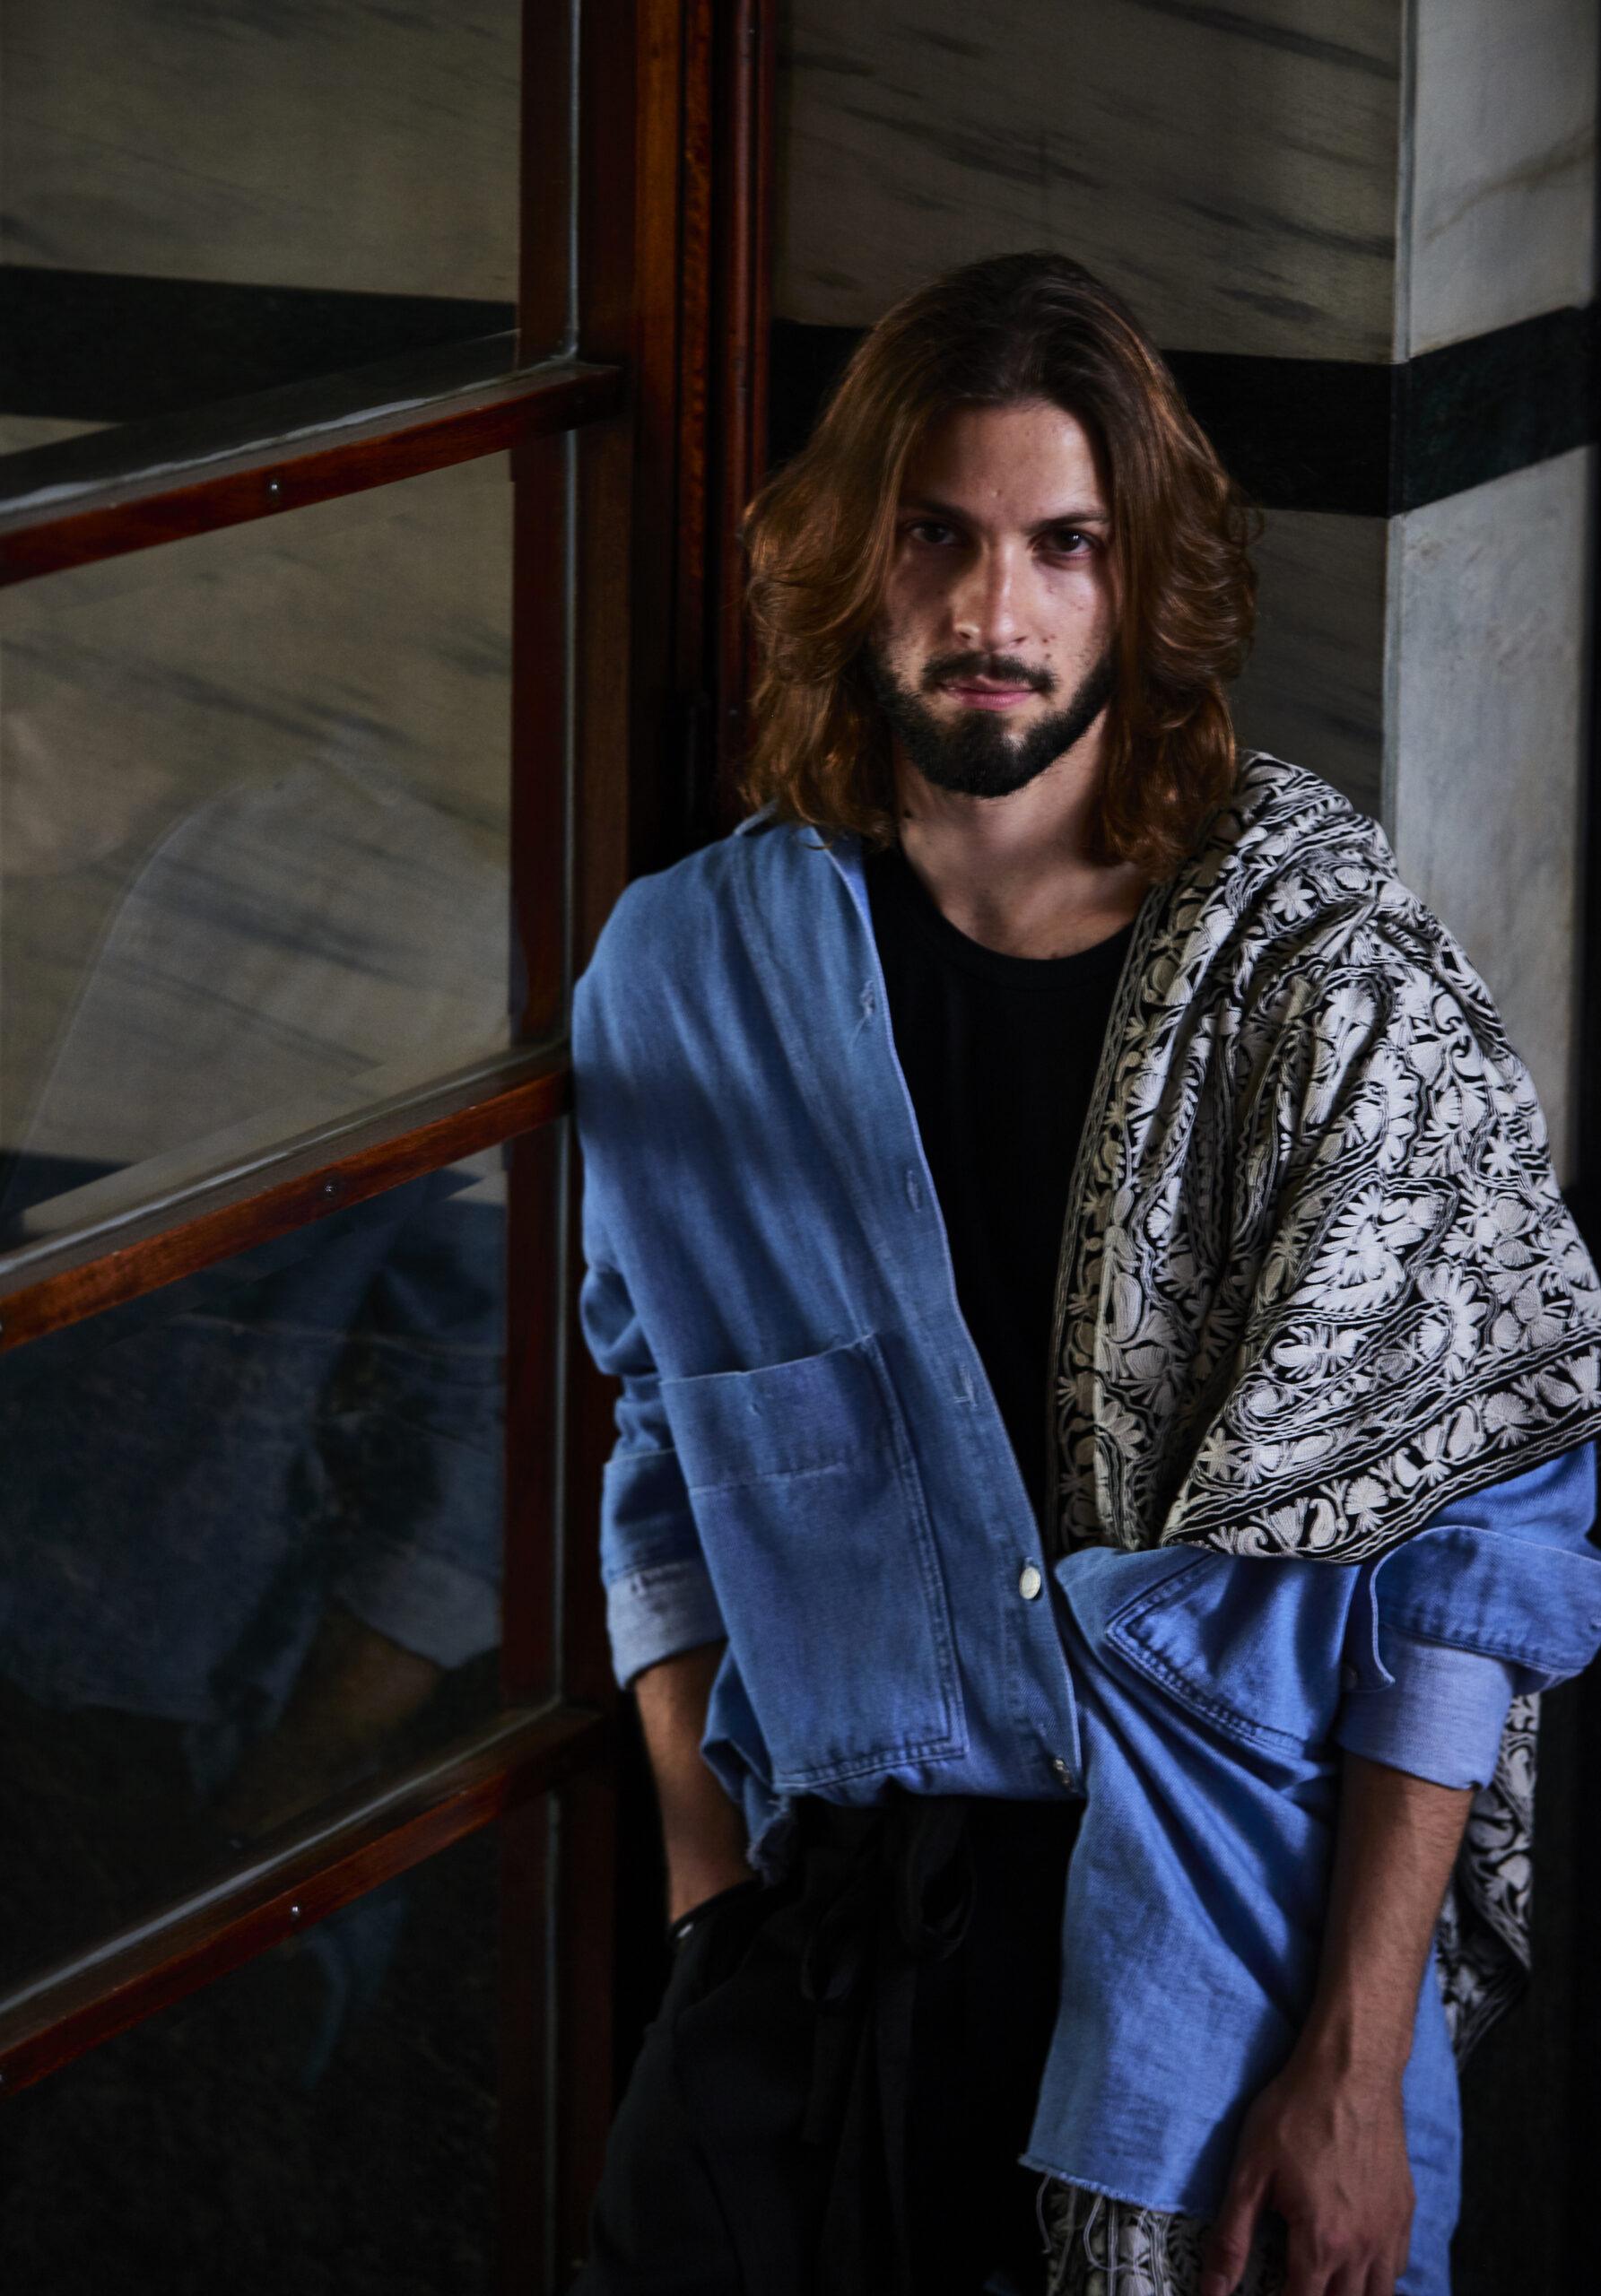 Italian Style: Interviewing the Fashion Designer Felipe Crivelenti